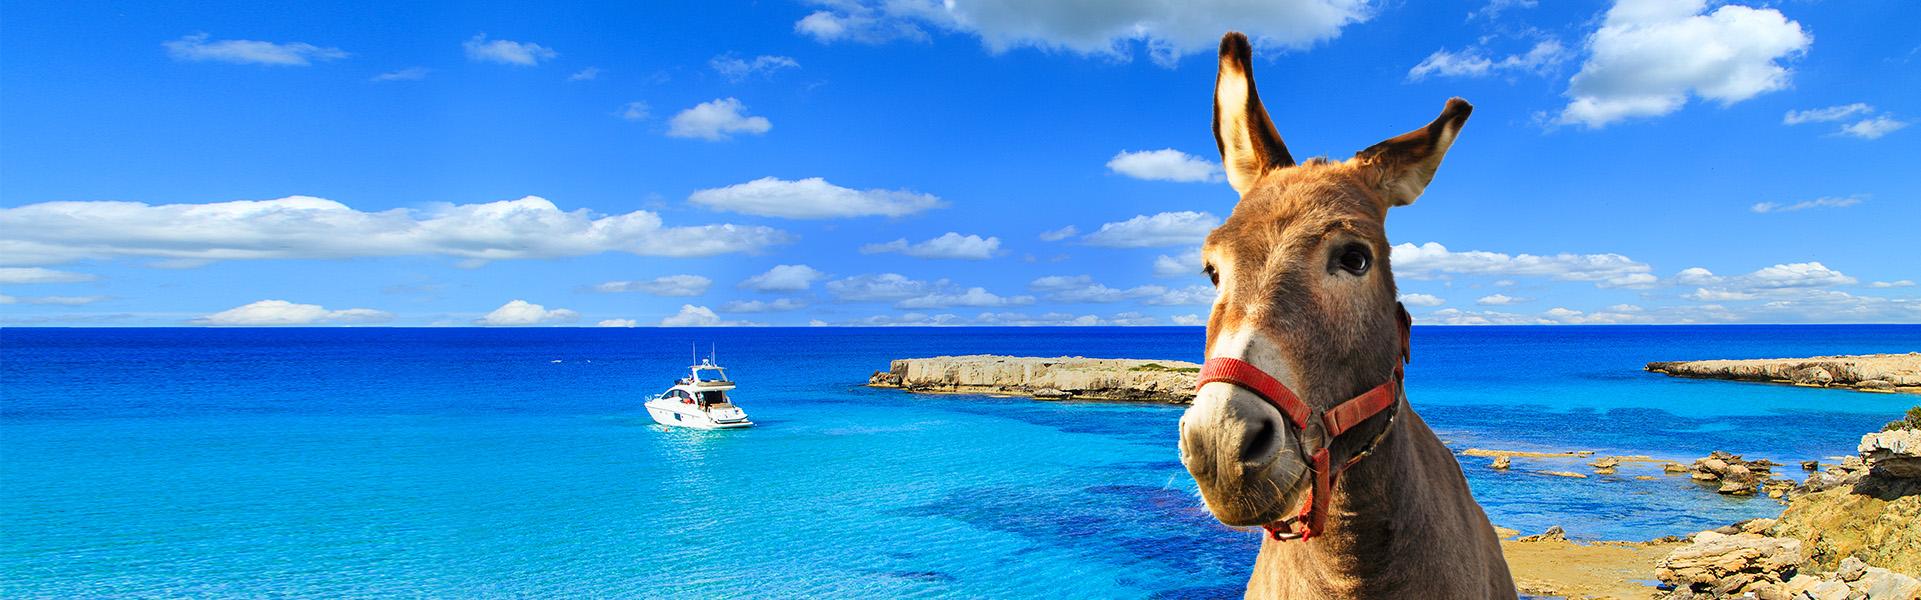 Отдых на Кипре, цены: купить горящие туры, путевки на Кипр из Киева. Поиск  тура от Join UP!